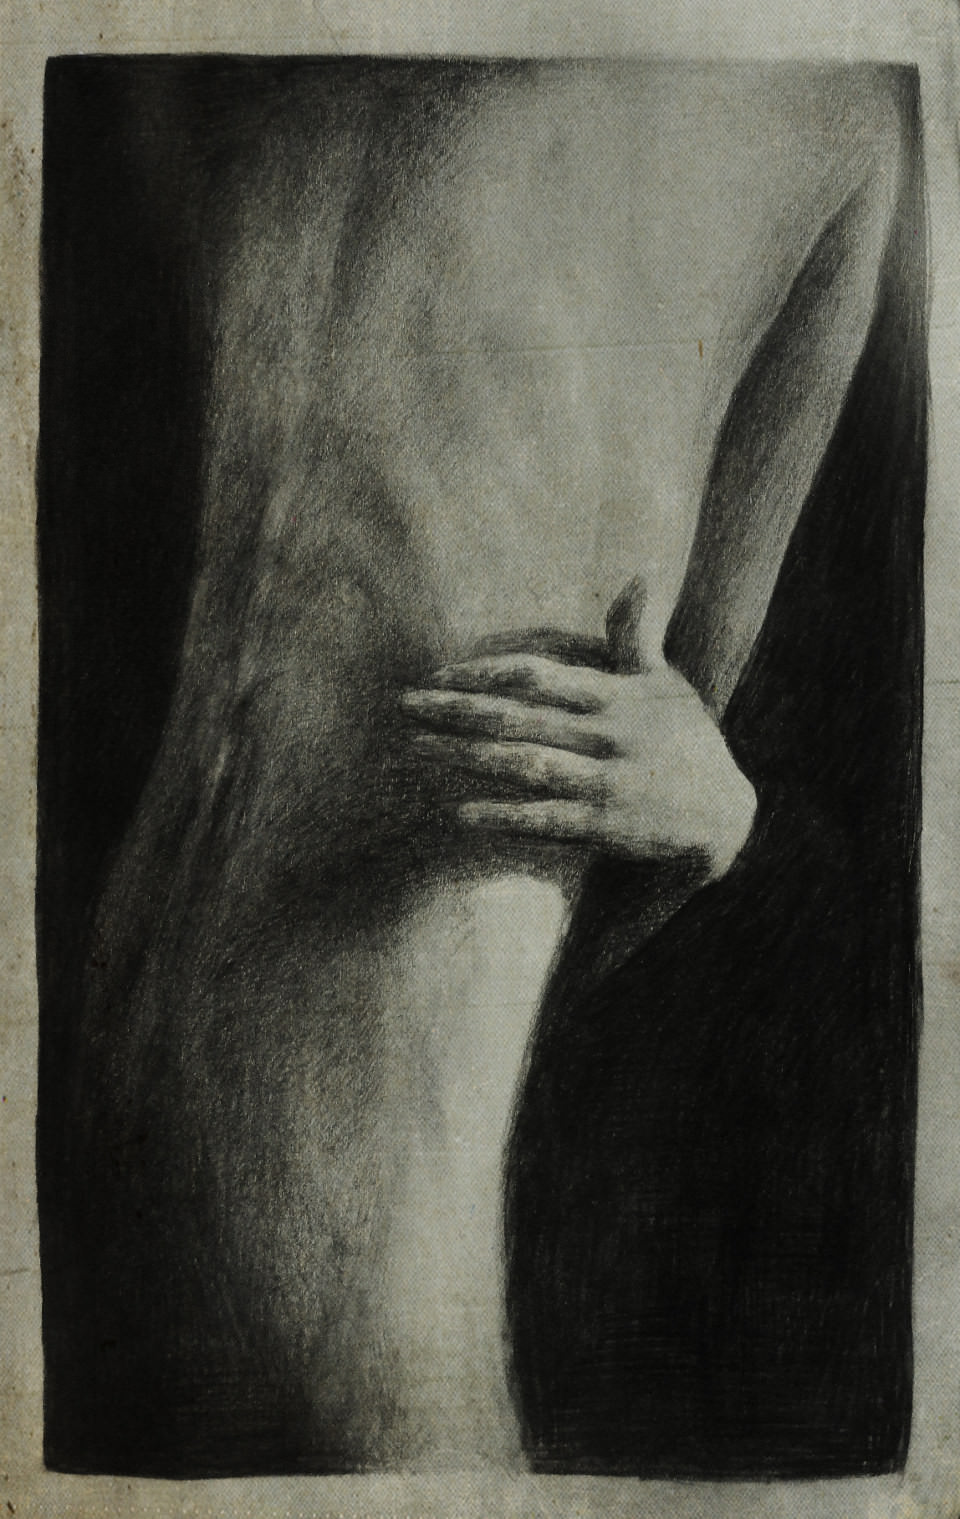 Bleistift-Zeichnung einer langgezogenen Rückenansicht.